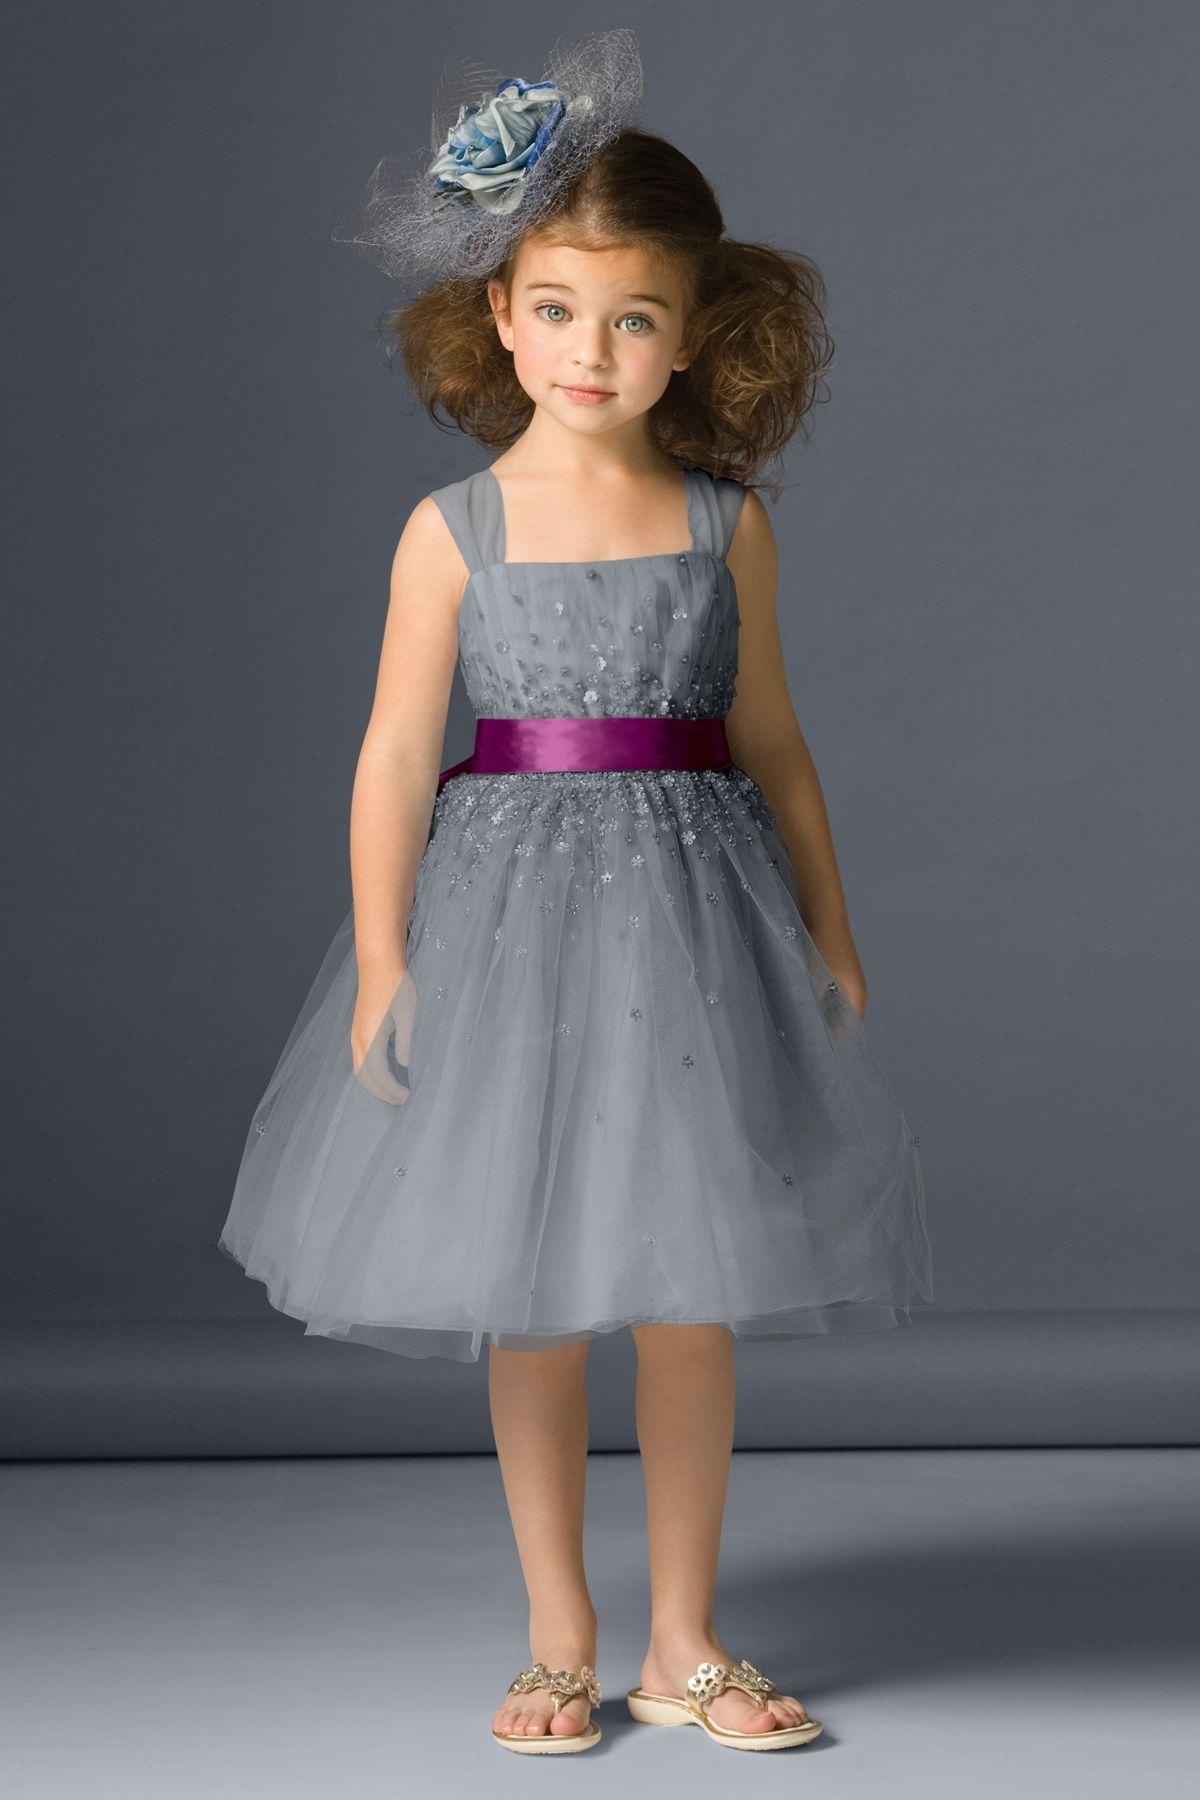 a0bc1eaeac5 Seahorse Dress 46231. Cute if I did white